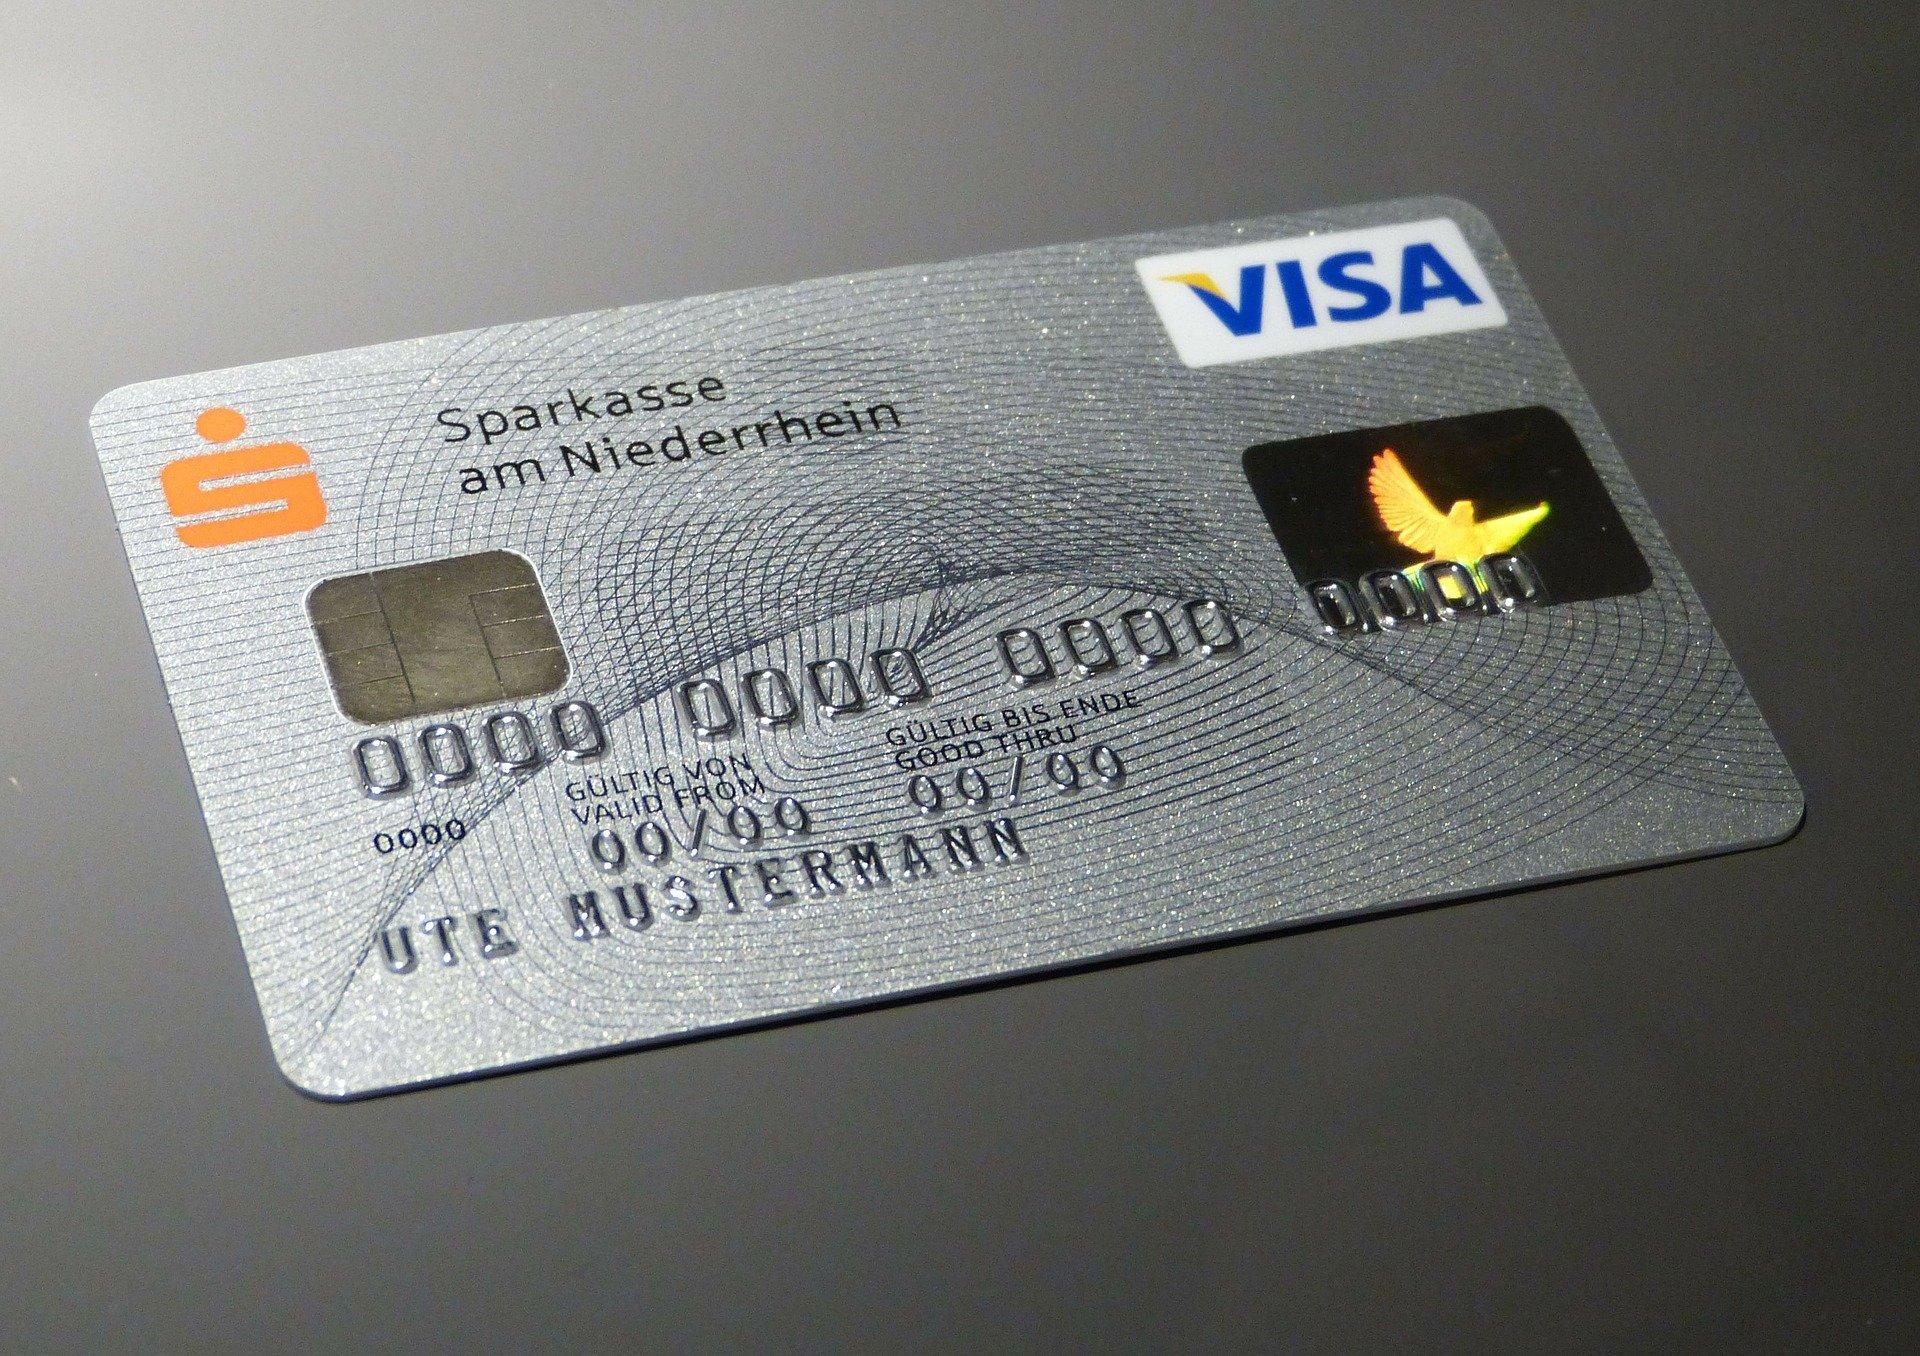 Wizink lleva los pleitos de las tarjetas 'revolving' al Supremo